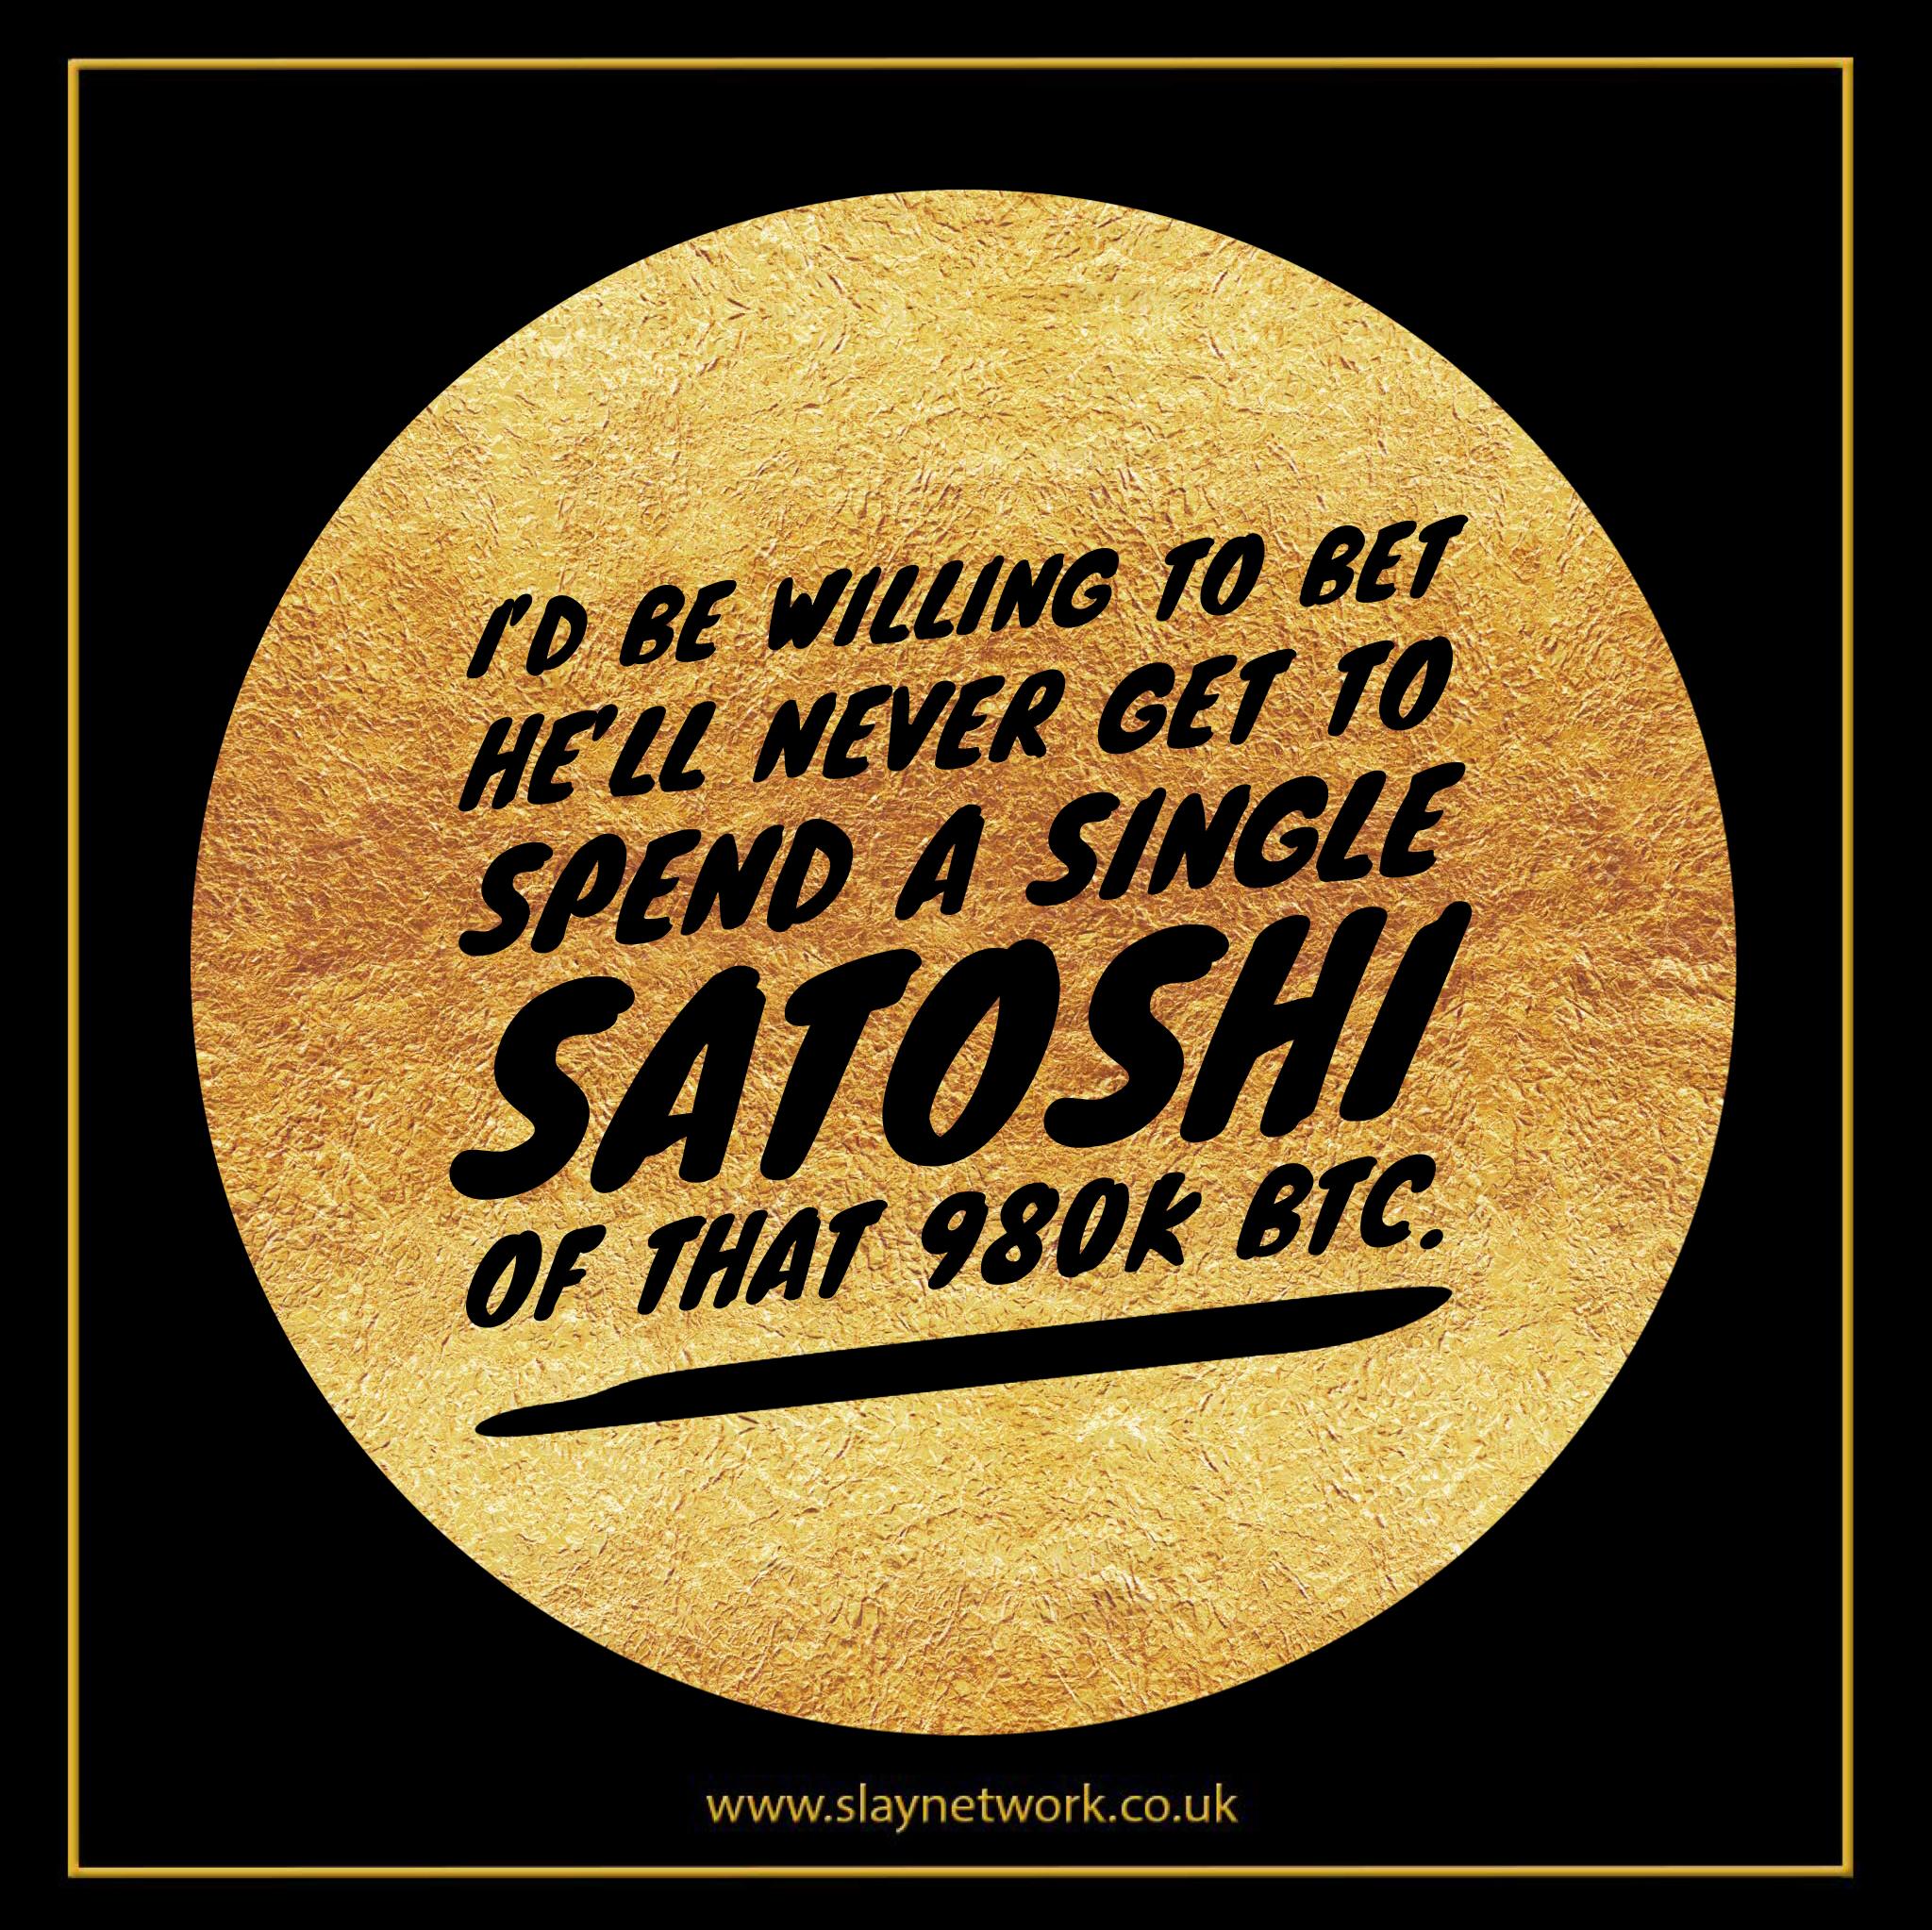 How many Bitcoin has Satoshi Nakamoto spent? | Slaylebrity